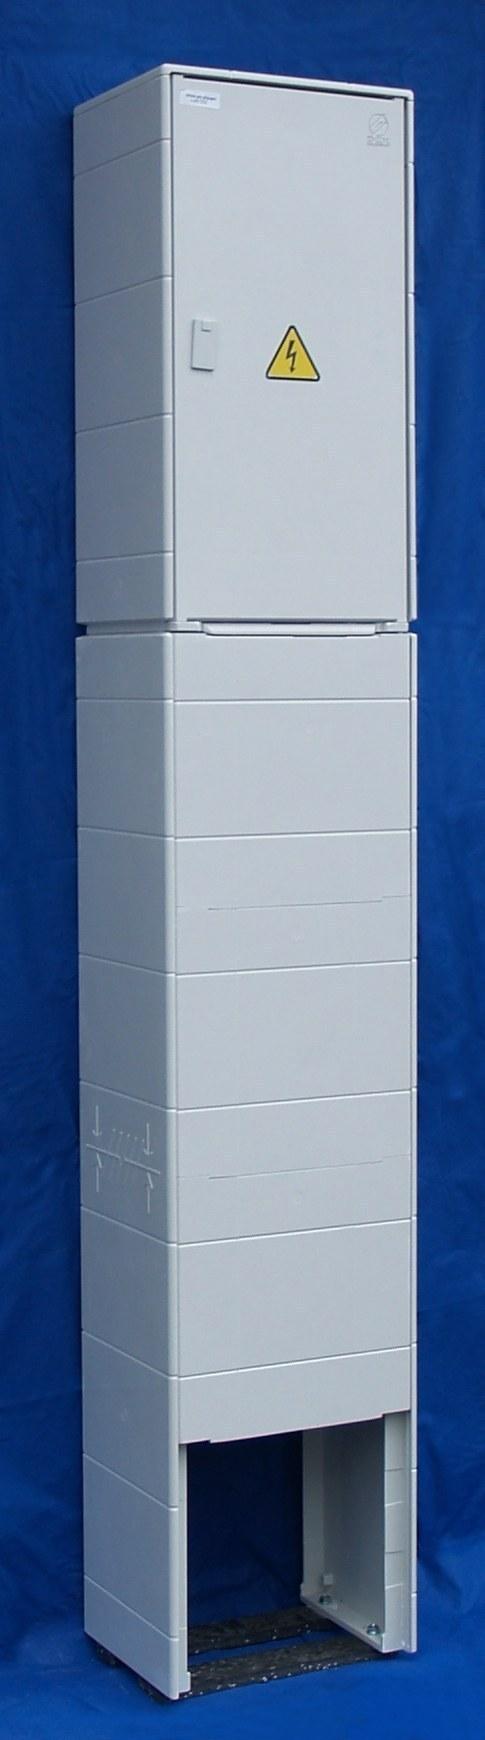 Elektroměrový rozvaděč ER112/NKP7P (ČEZ, E.ON)